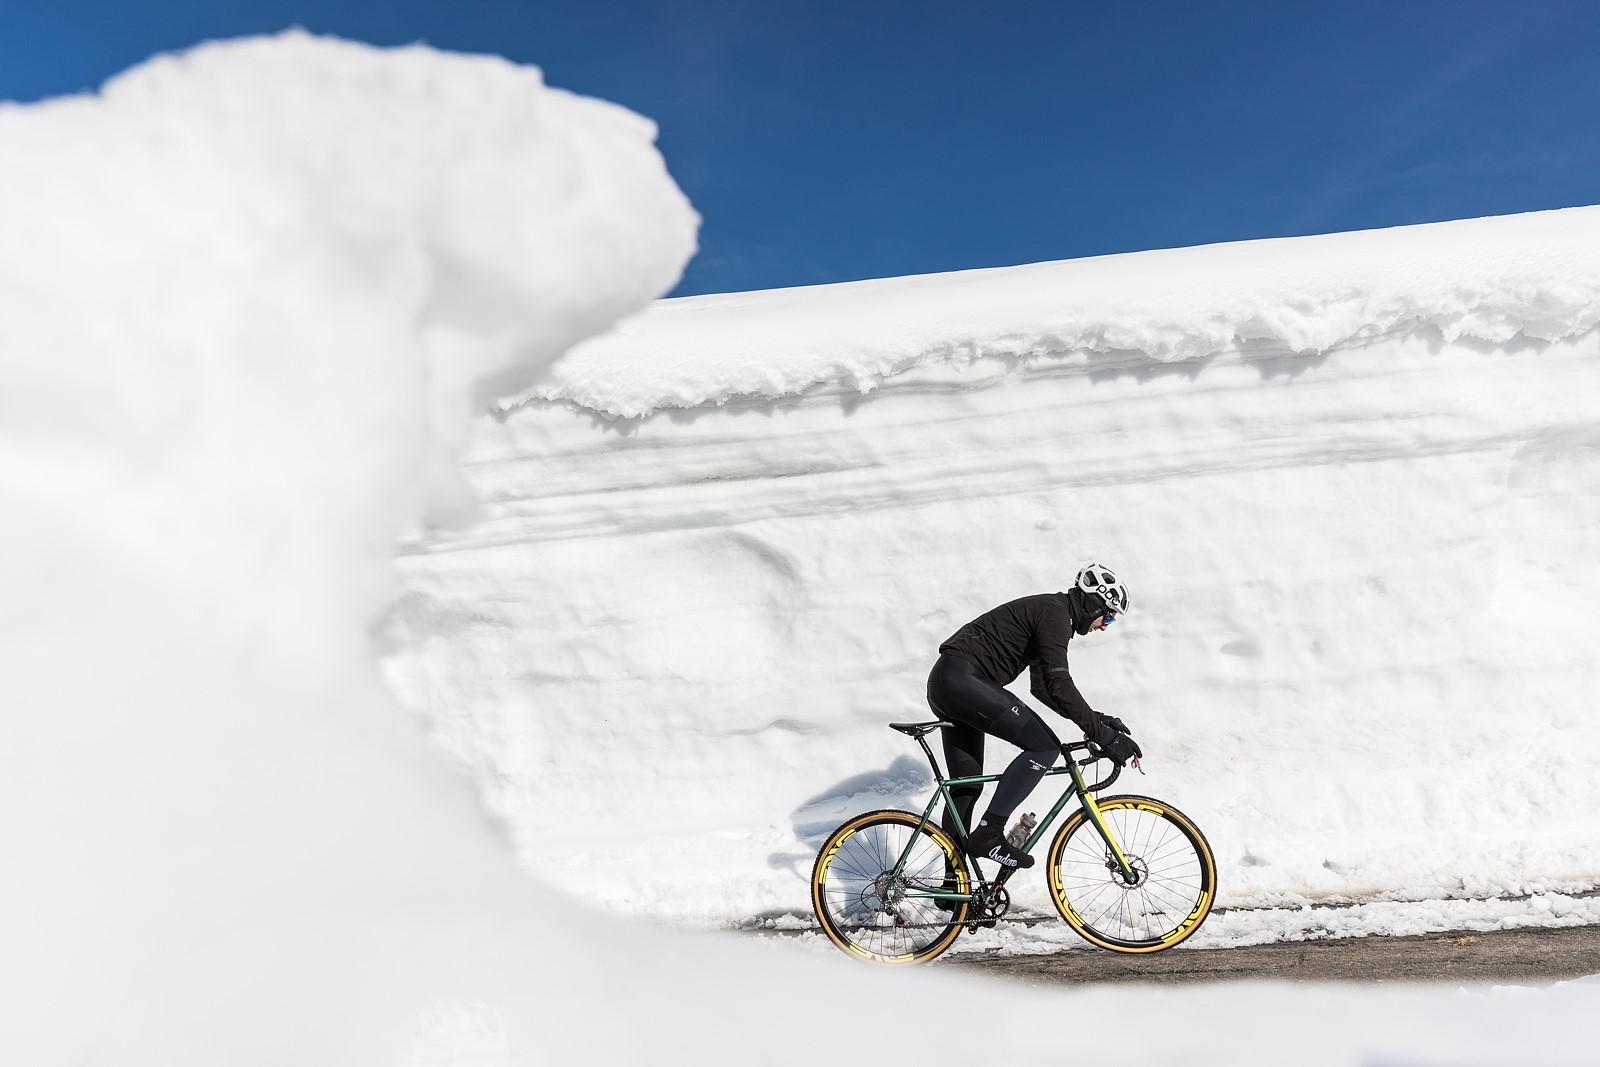 Jízda mezi sněhovými bariérami. Když nic jiného, tak selfie z takové jízdy ohromí vaše přátele. Foto: Michal Červený